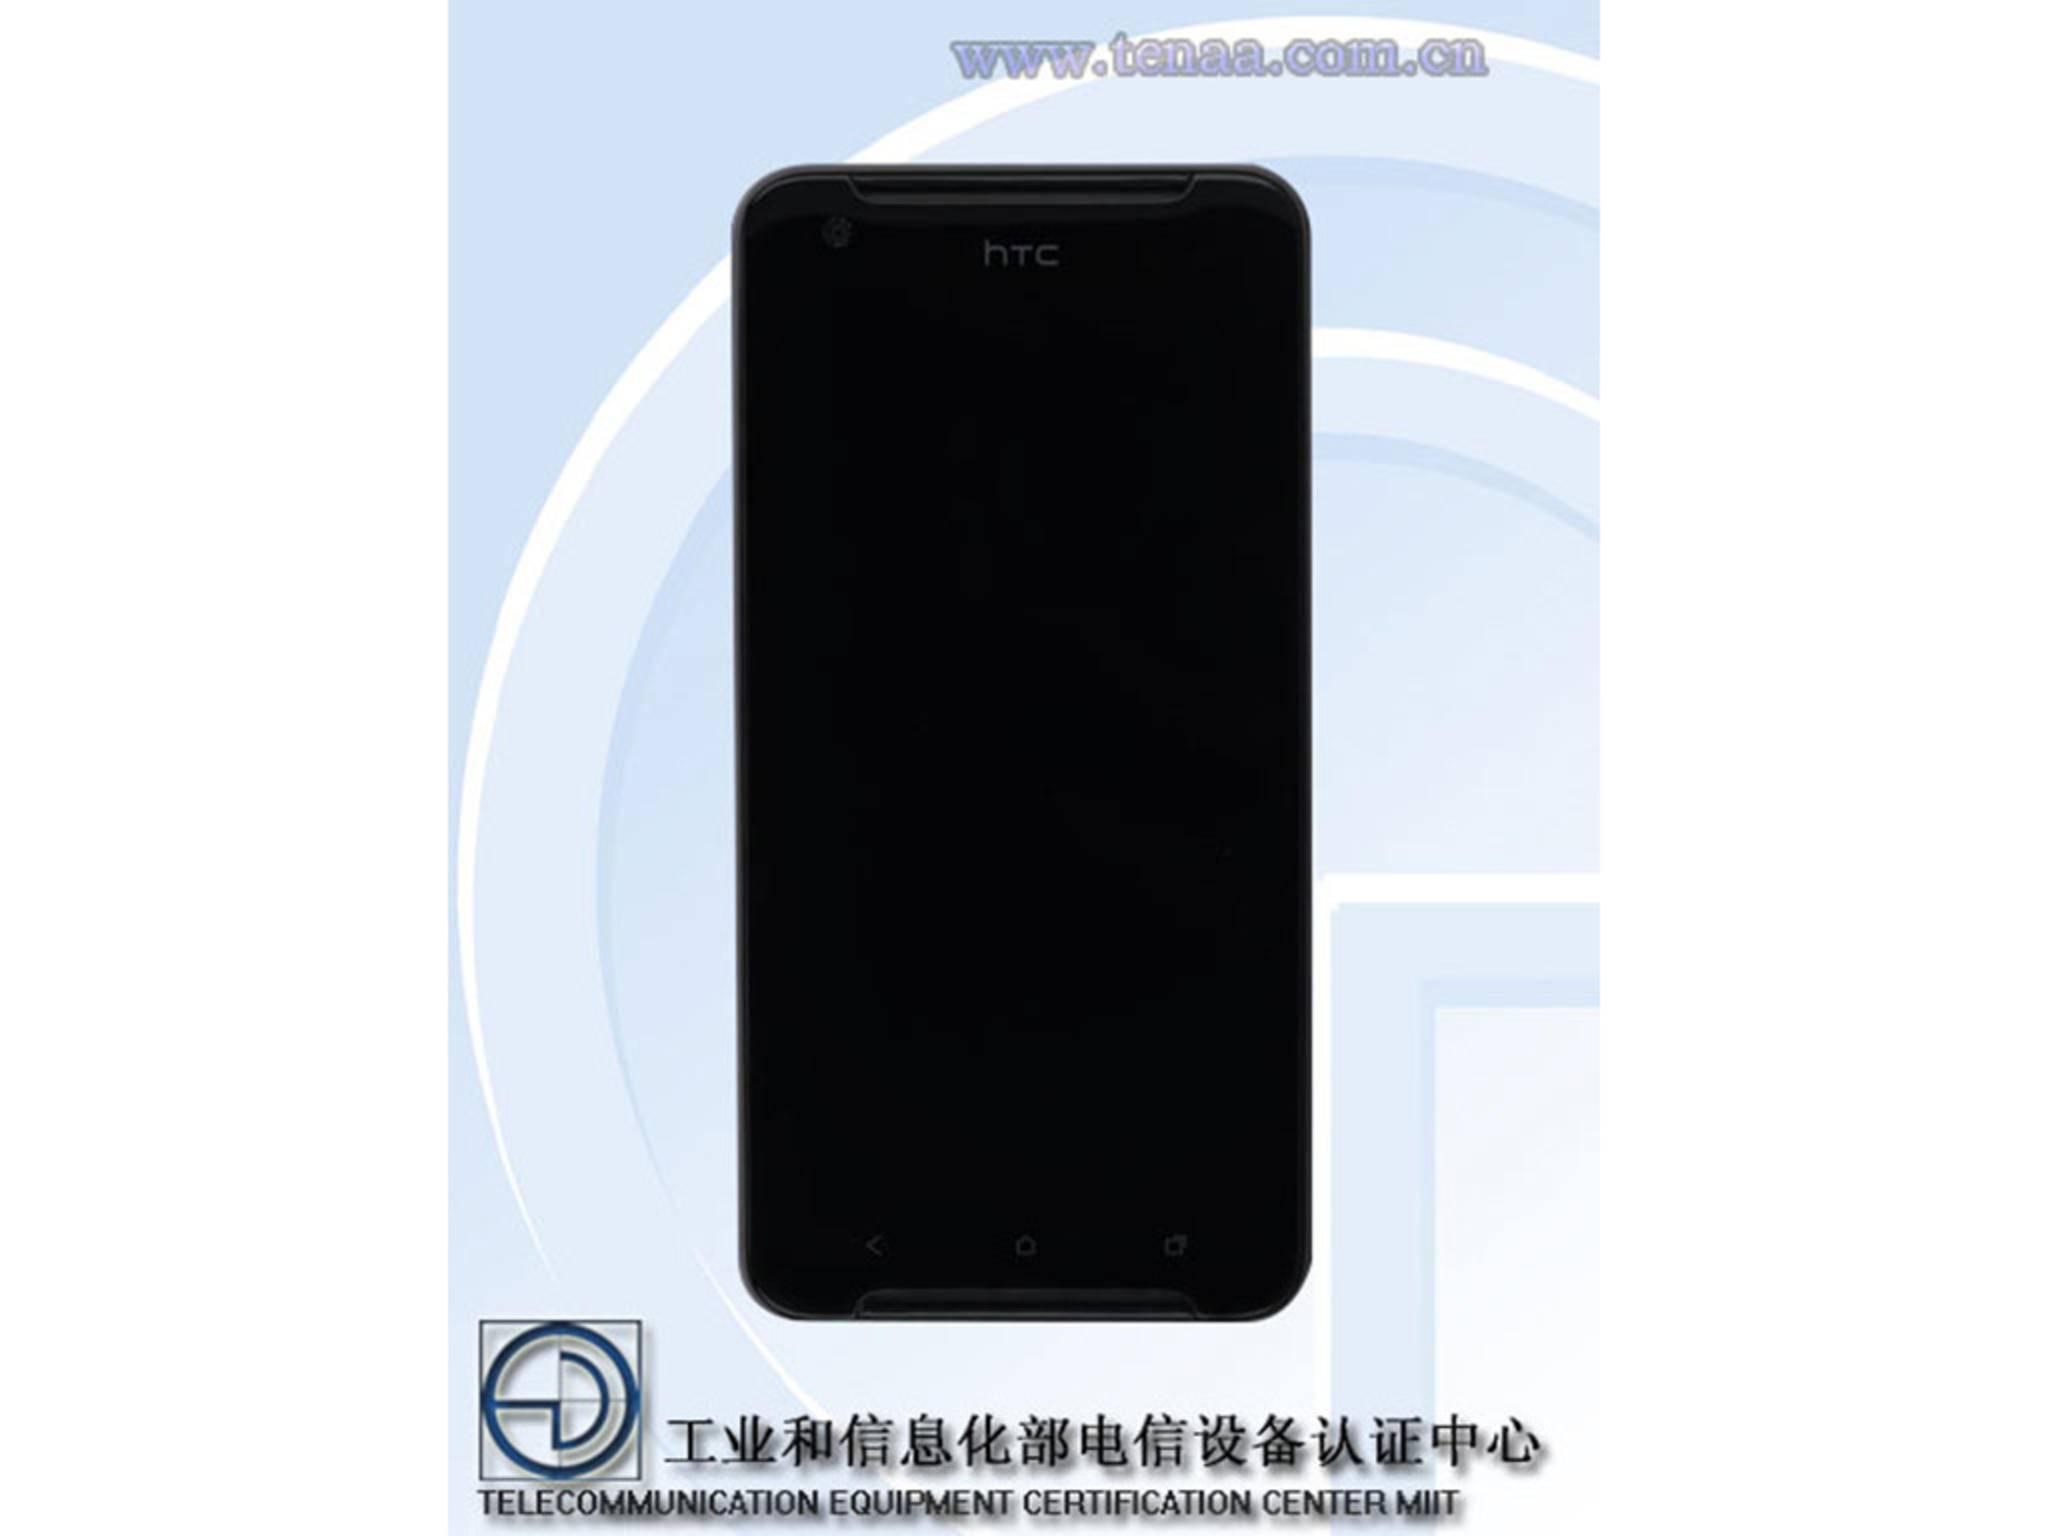 Das HTC One X9 wurde bereits von der chinesischen Behörde TENAA zertifiziert.